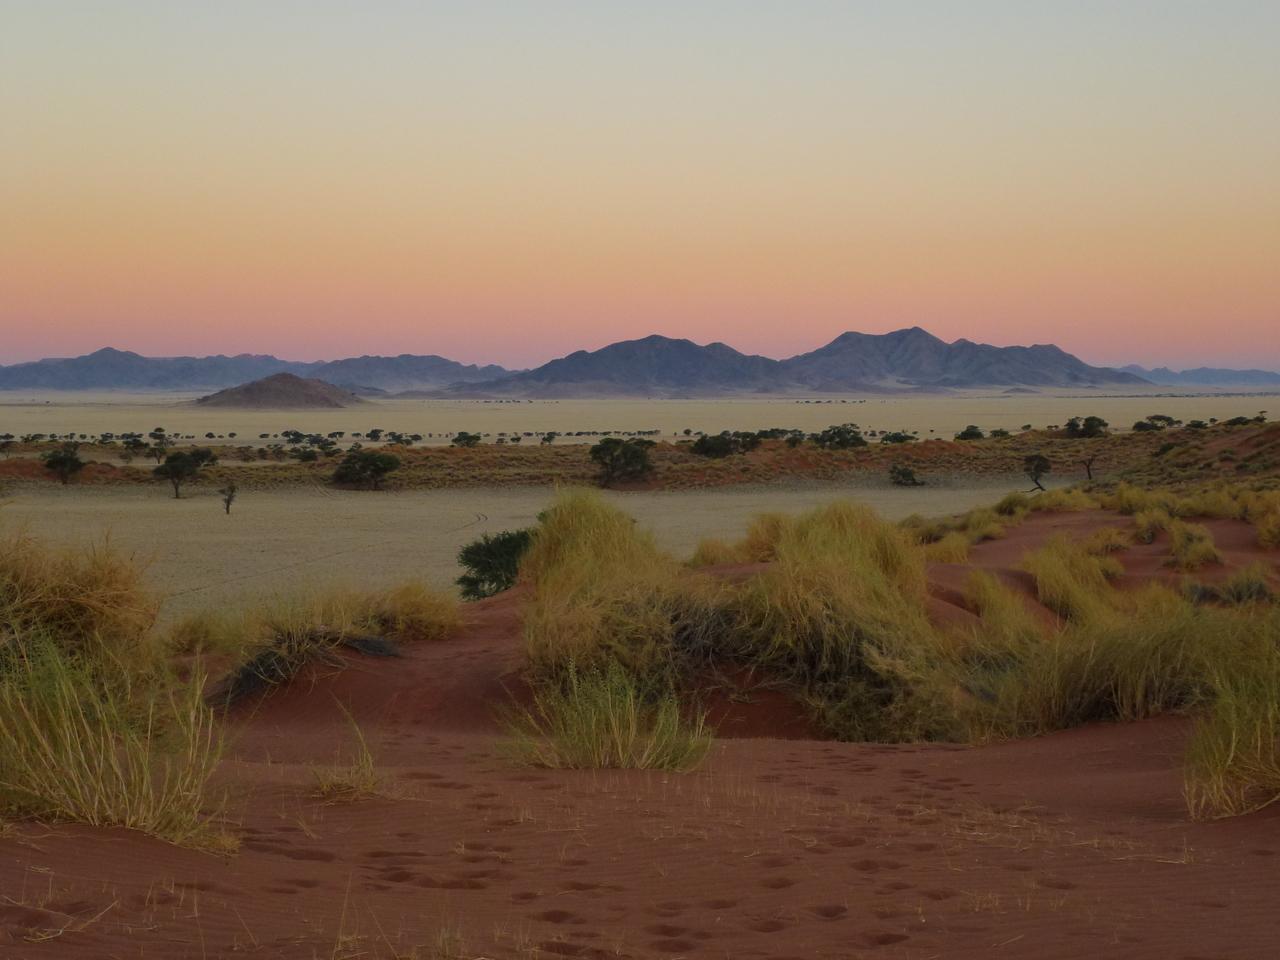 Keine Angst vor wilden Tieren: Wiebke Lehmitz begegnet auf ihren Touren durch das Land unter anderem Löwen und Giraffen.